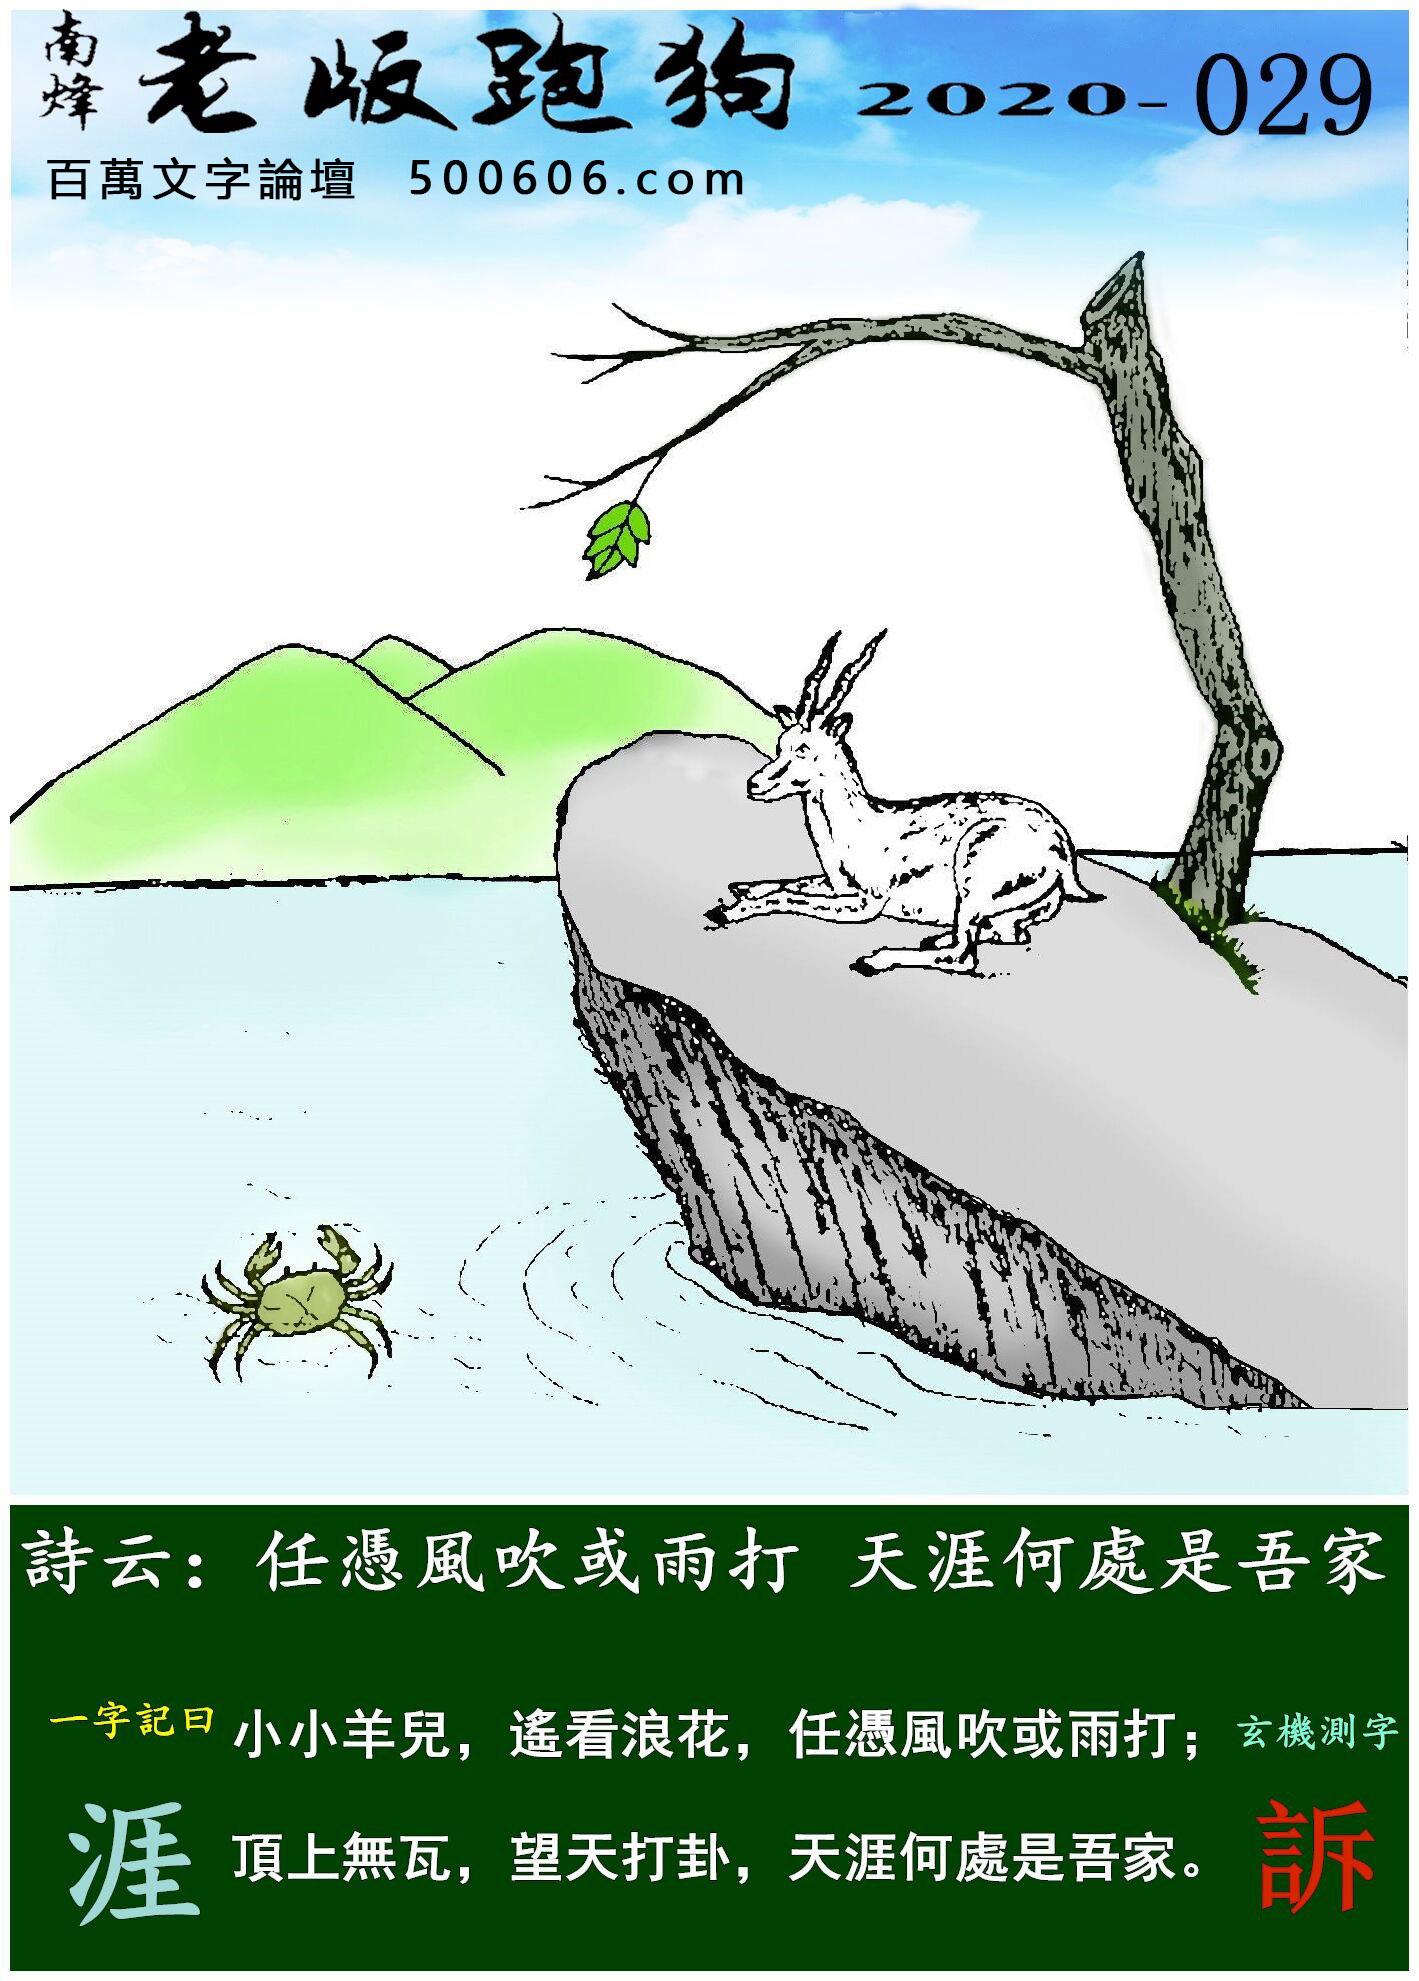 029期老版跑狗一字�之曰:【涯】 ��:任�{�L吹或雨打,天涯何�是吾家。